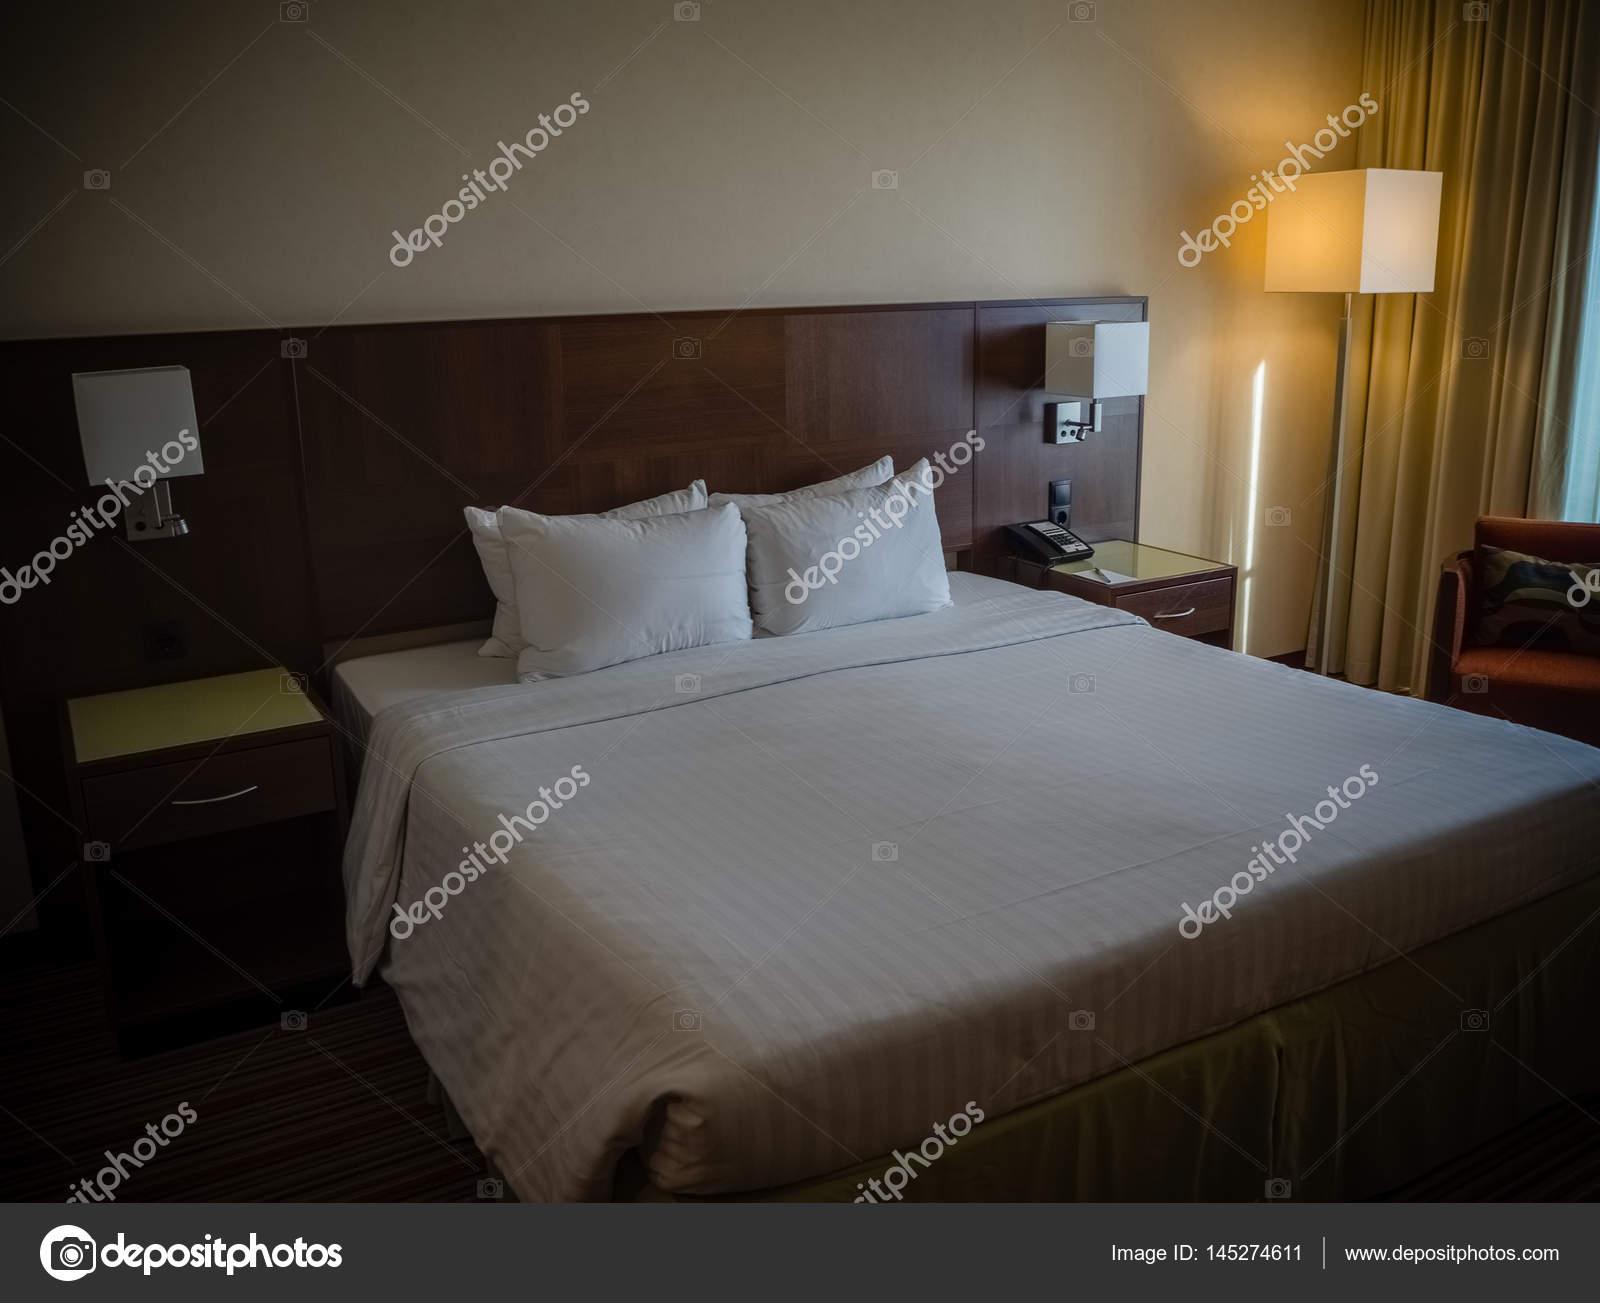 Kingsize Bett Mit Vorhang Nachttisch Und Lampe U2014 Foto Von Drserg